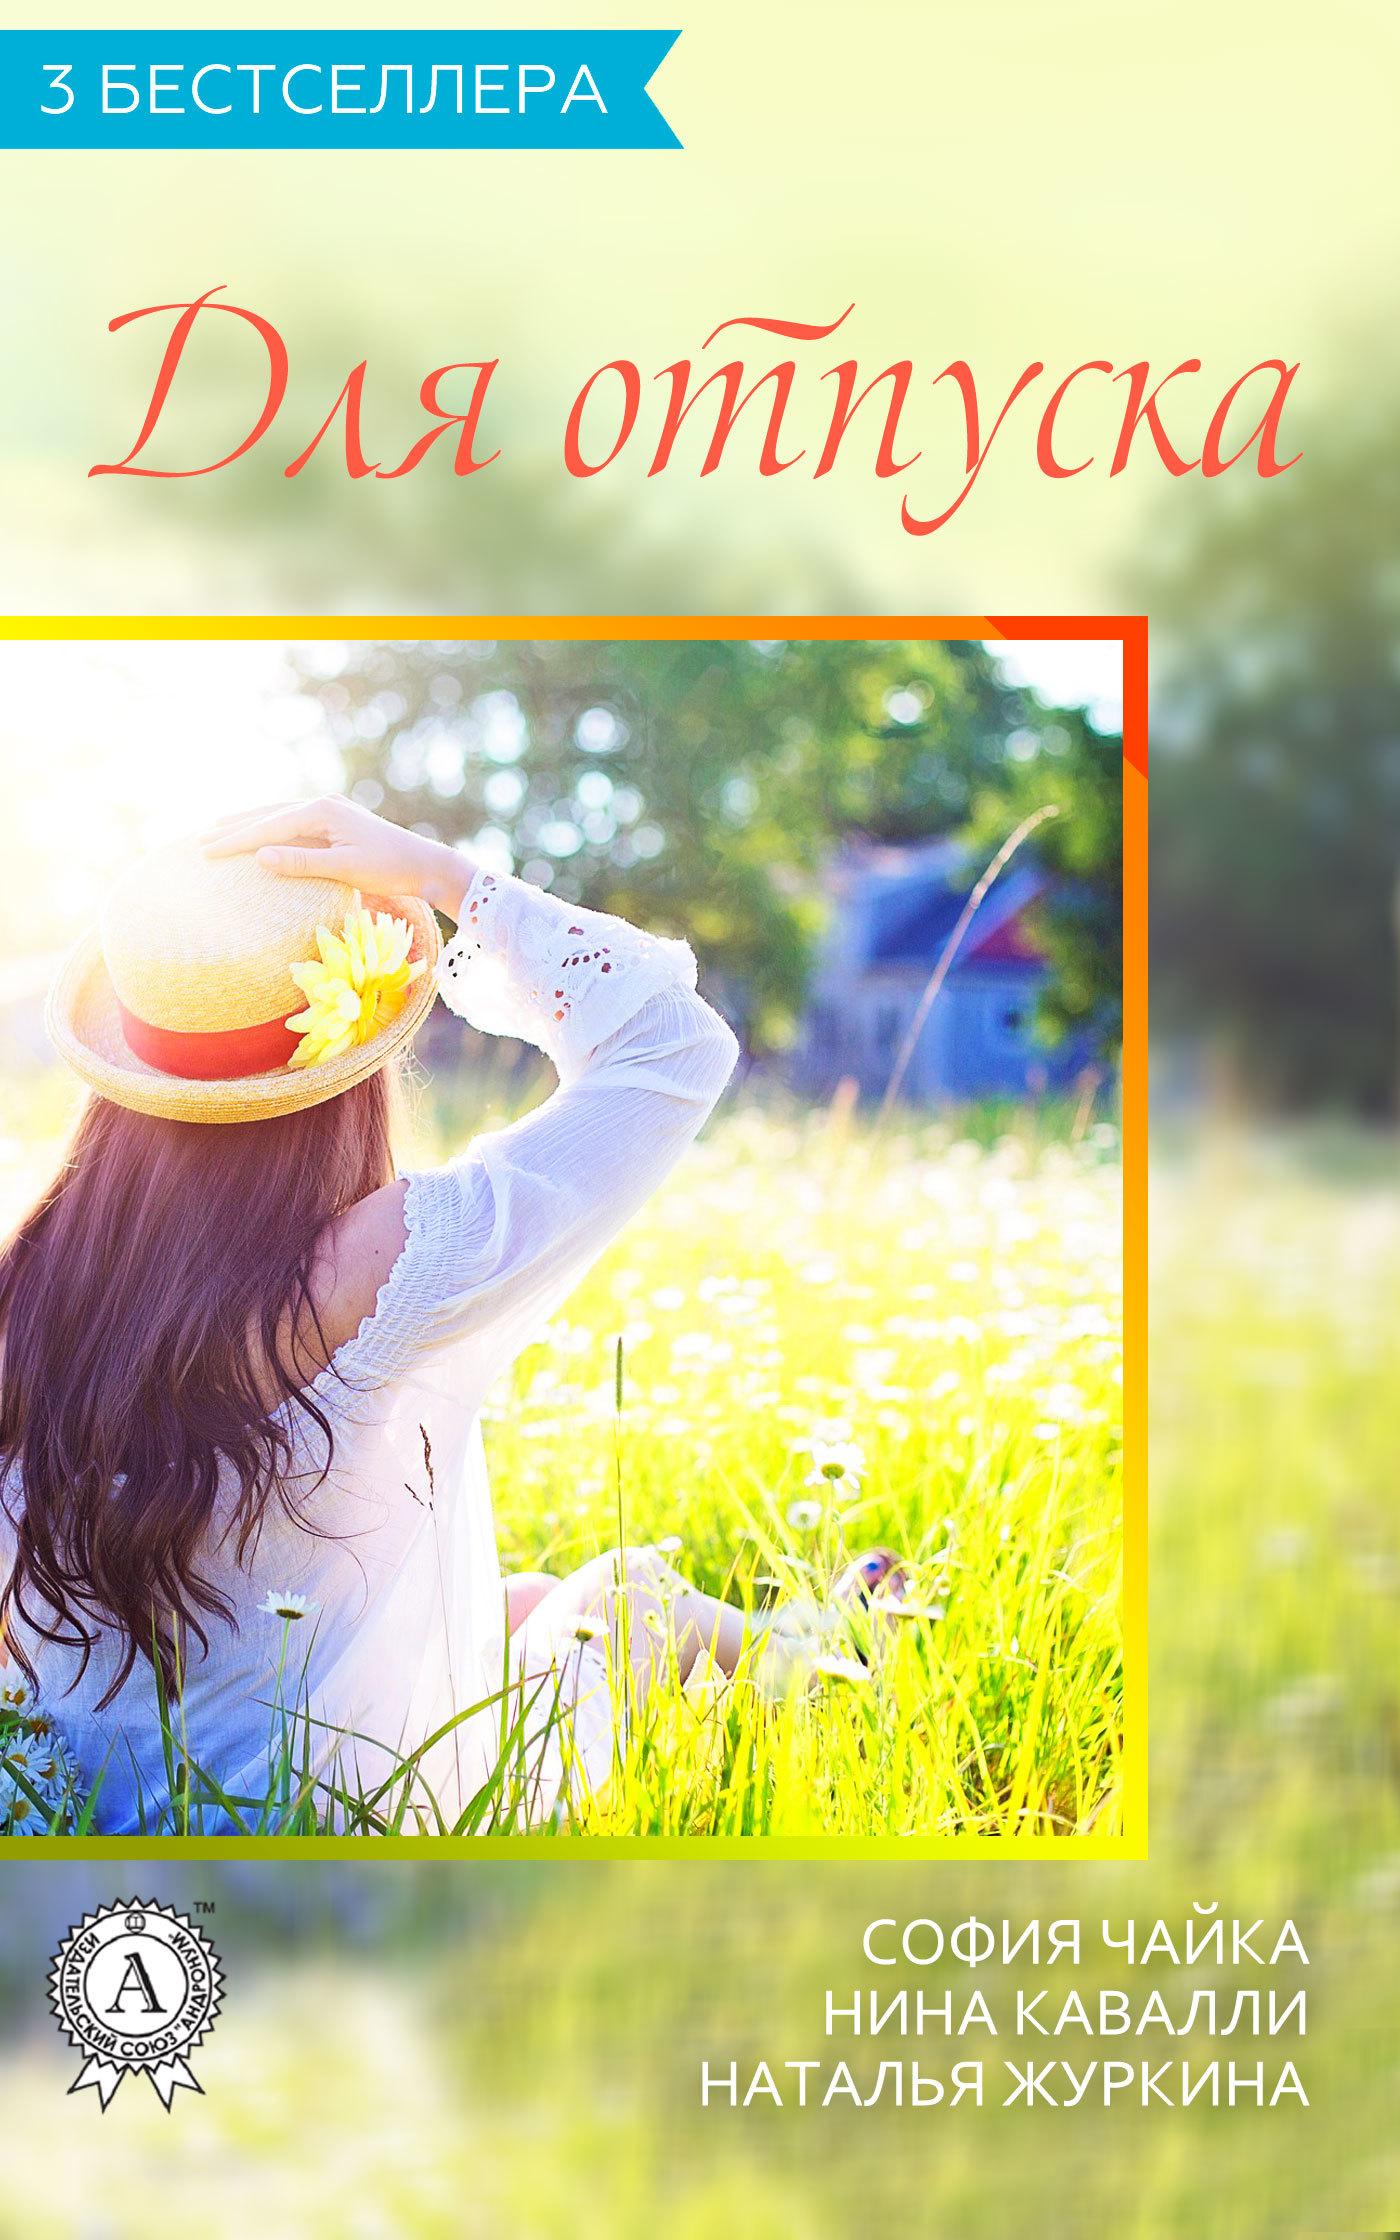 купить Нина Кавалли Сборник «3 бестселлера для отпуска» по цене 149 рублей